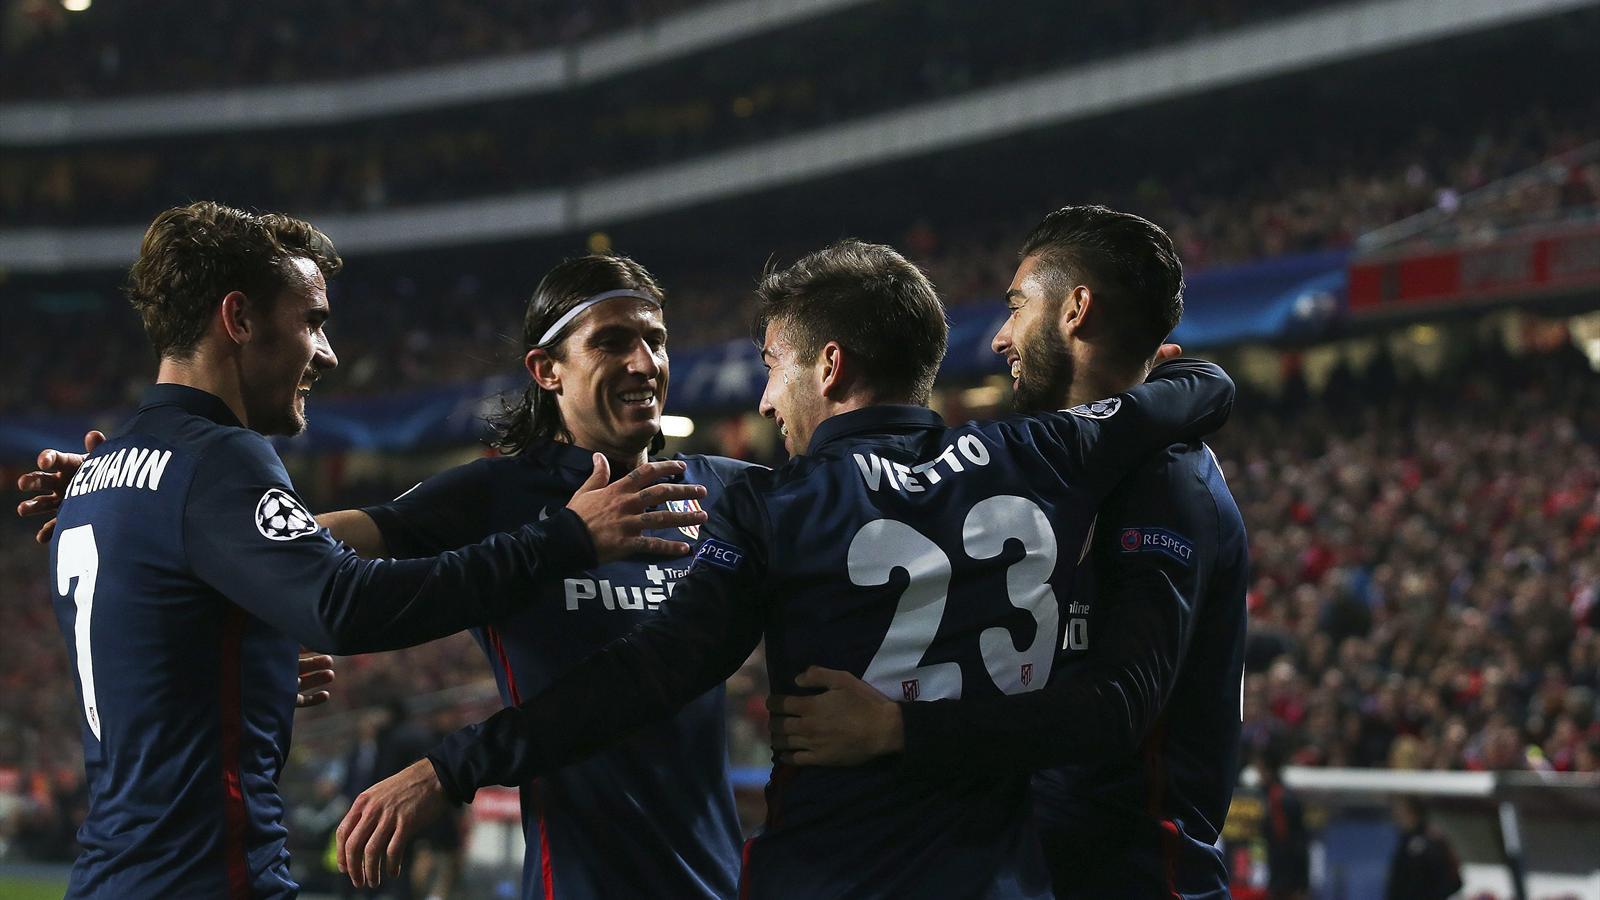 El Atlético consigue el liderato y acompaña a Medrid y Barça en octavos. Sevilla y Valencia a la Europa League.